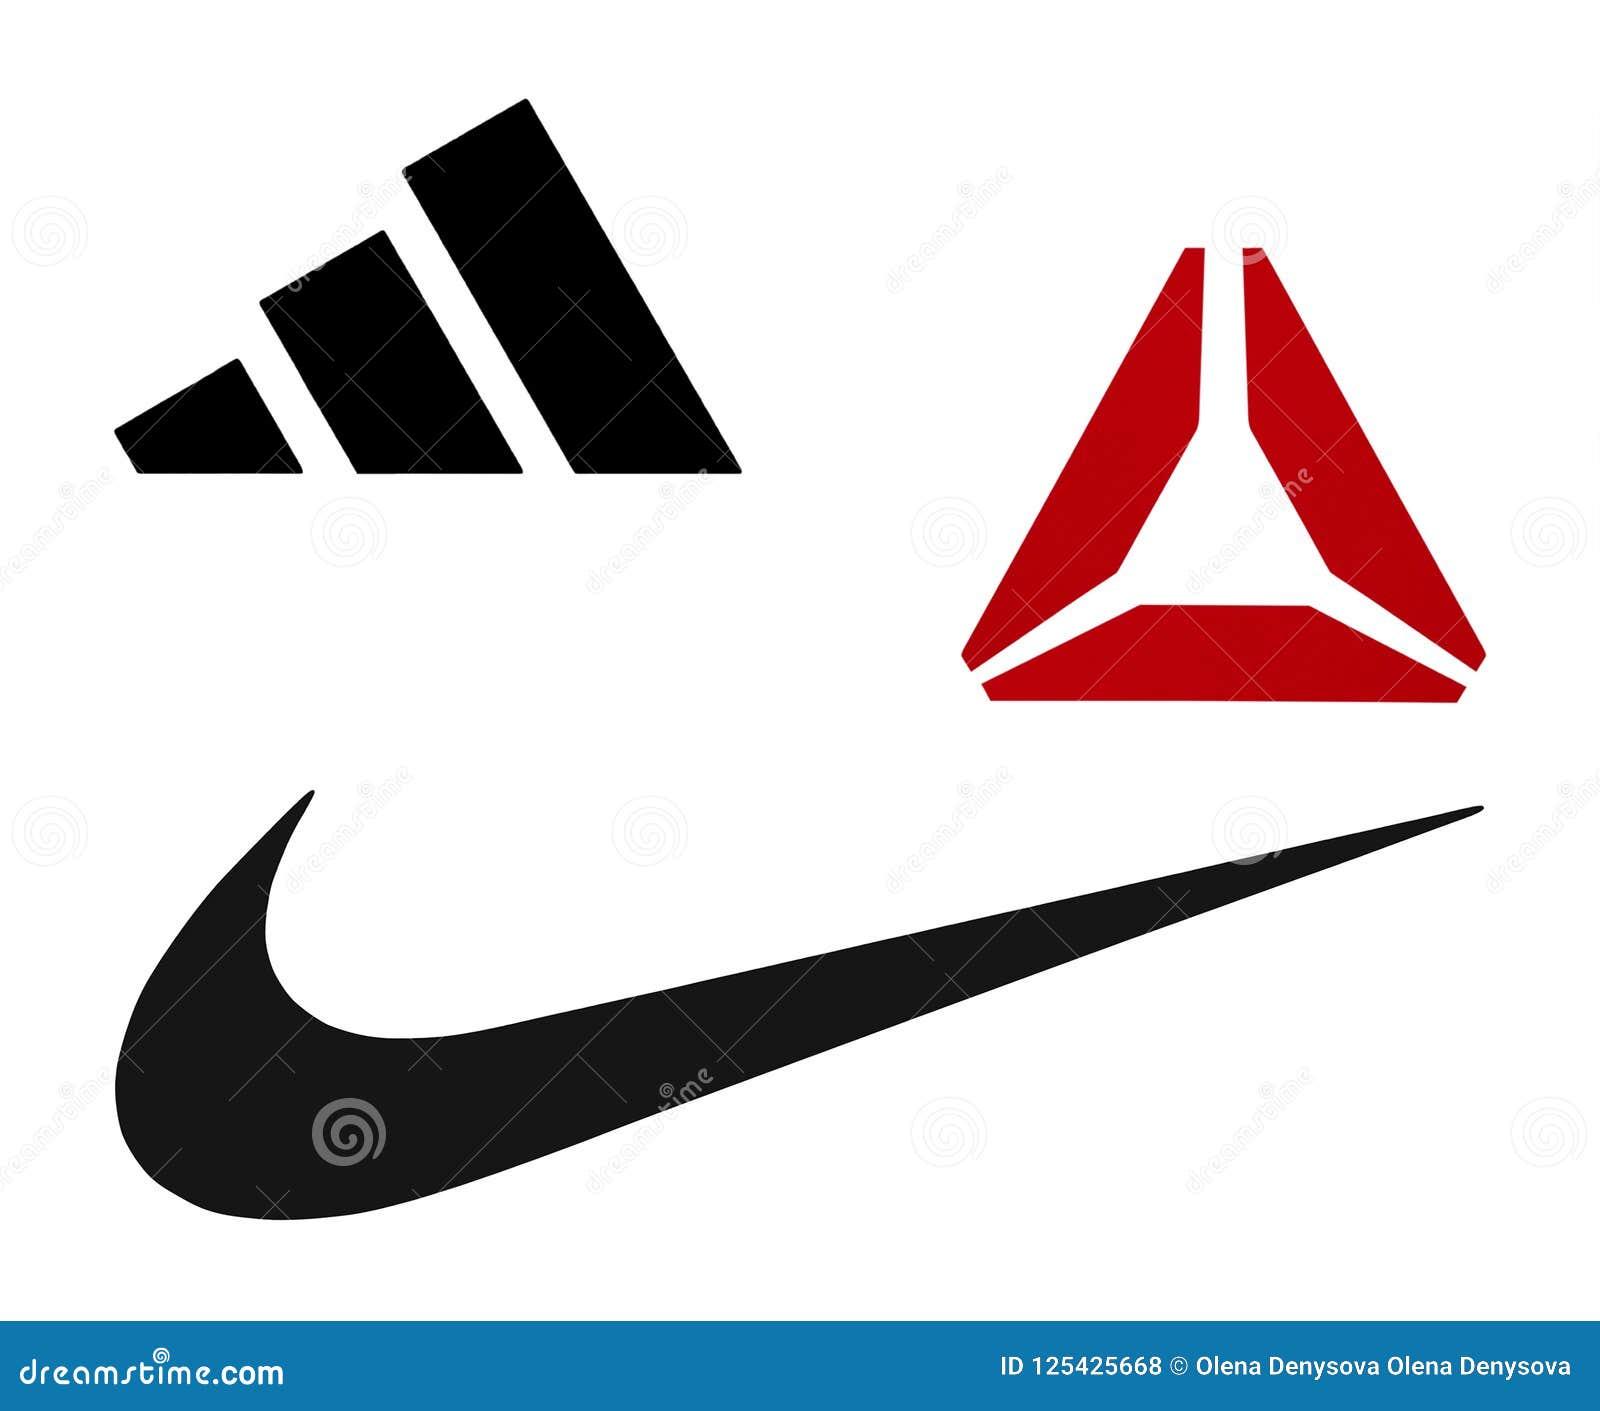 0ec69e81 Киев, Украина - 20-ое сентября 2017: Логотипы Найк, Reebok и Adidas  напечатанные на бумаге и помещенные на белой предпосылке